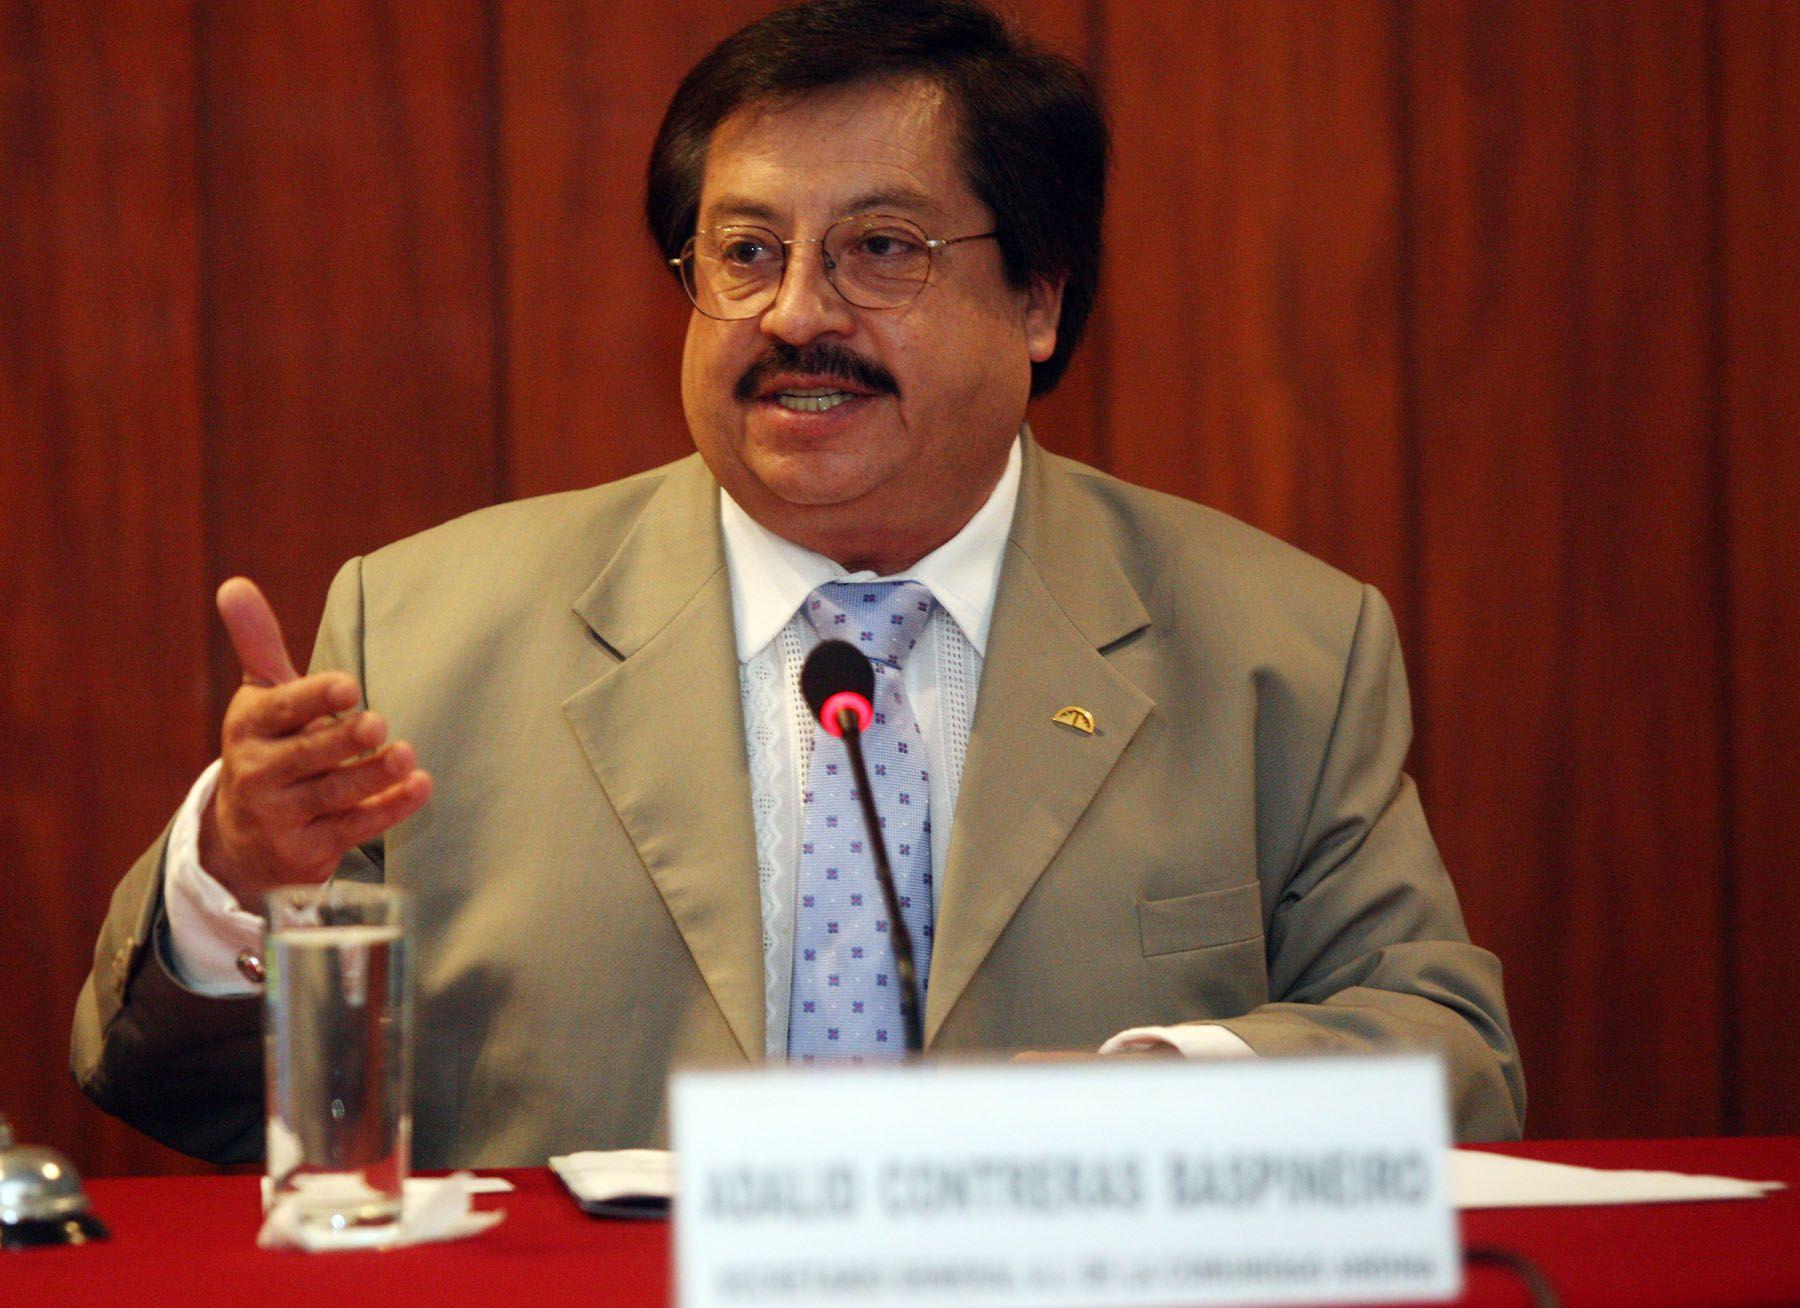 Adalid Contreras Baspineiro, secretario general de la Comunidad Andina. Foto: ANDINA/Gustavo Sánchez.